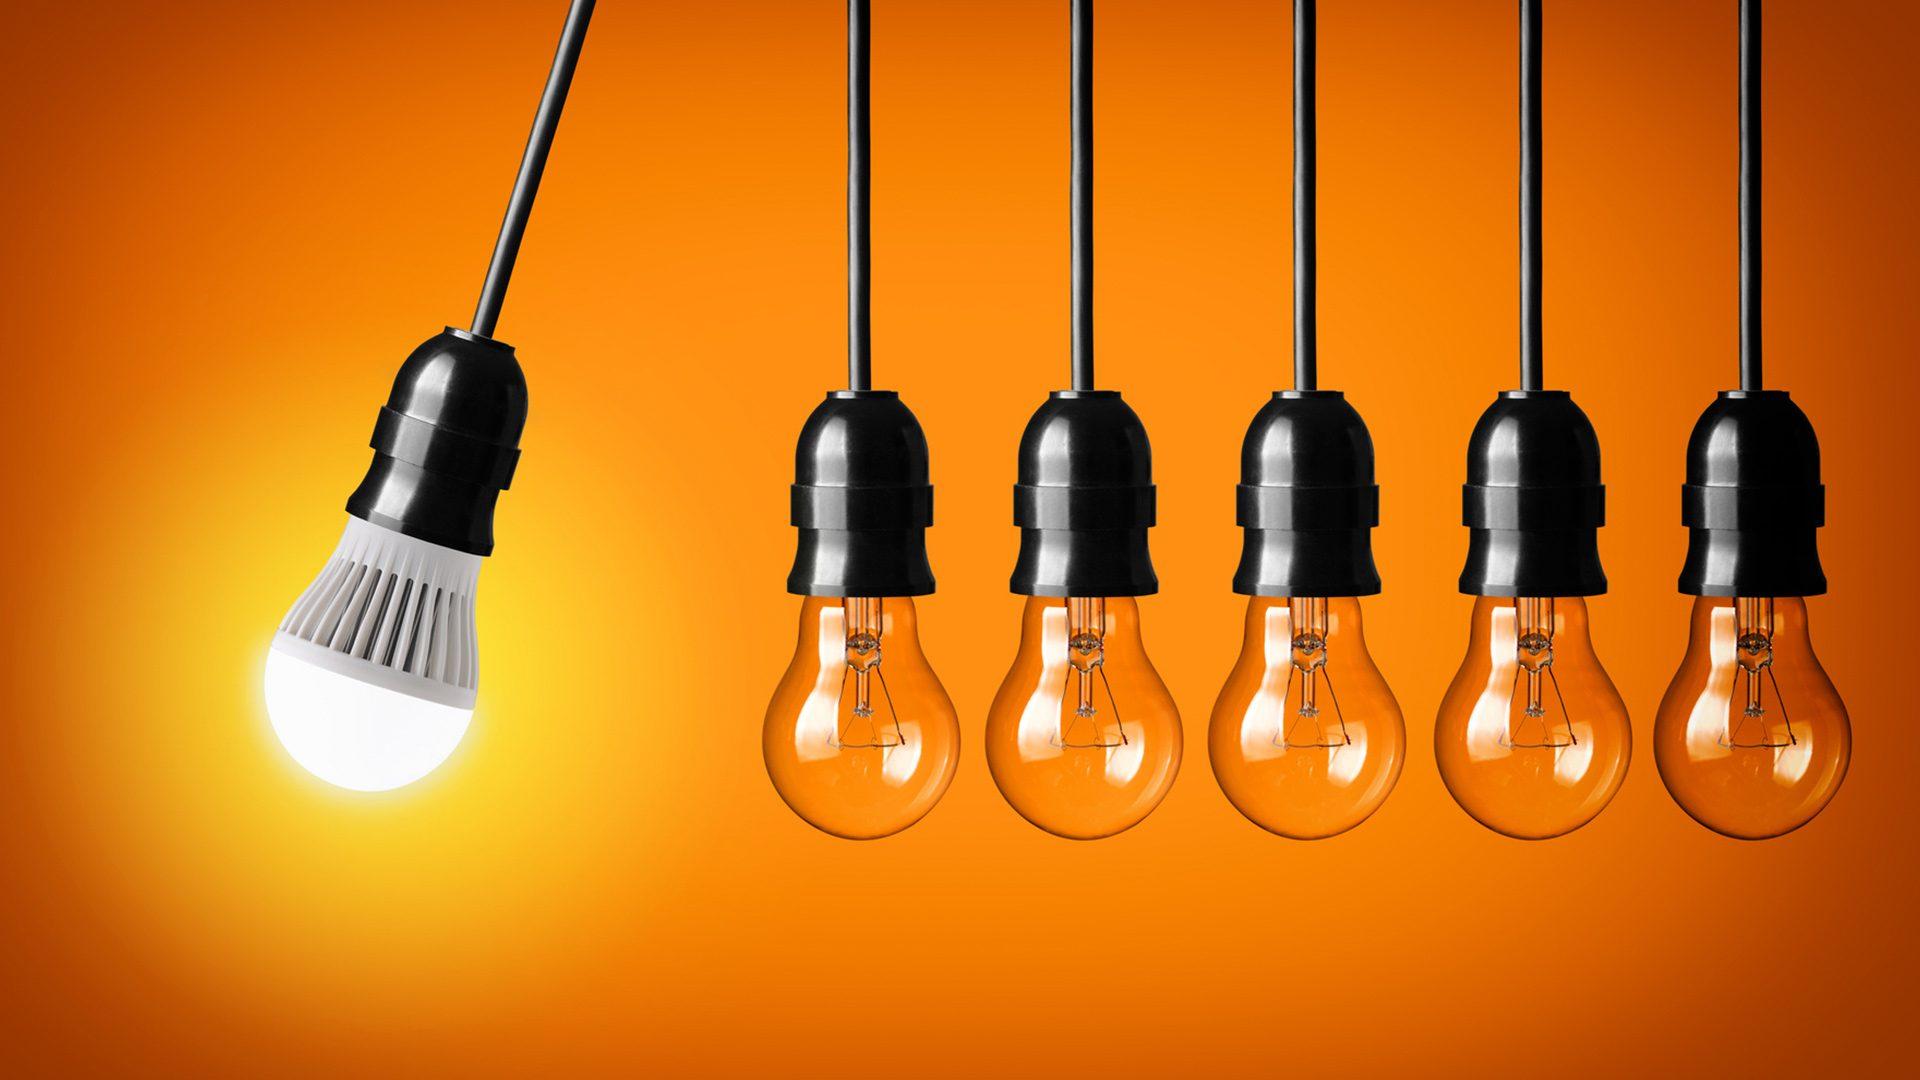 identifying innovation